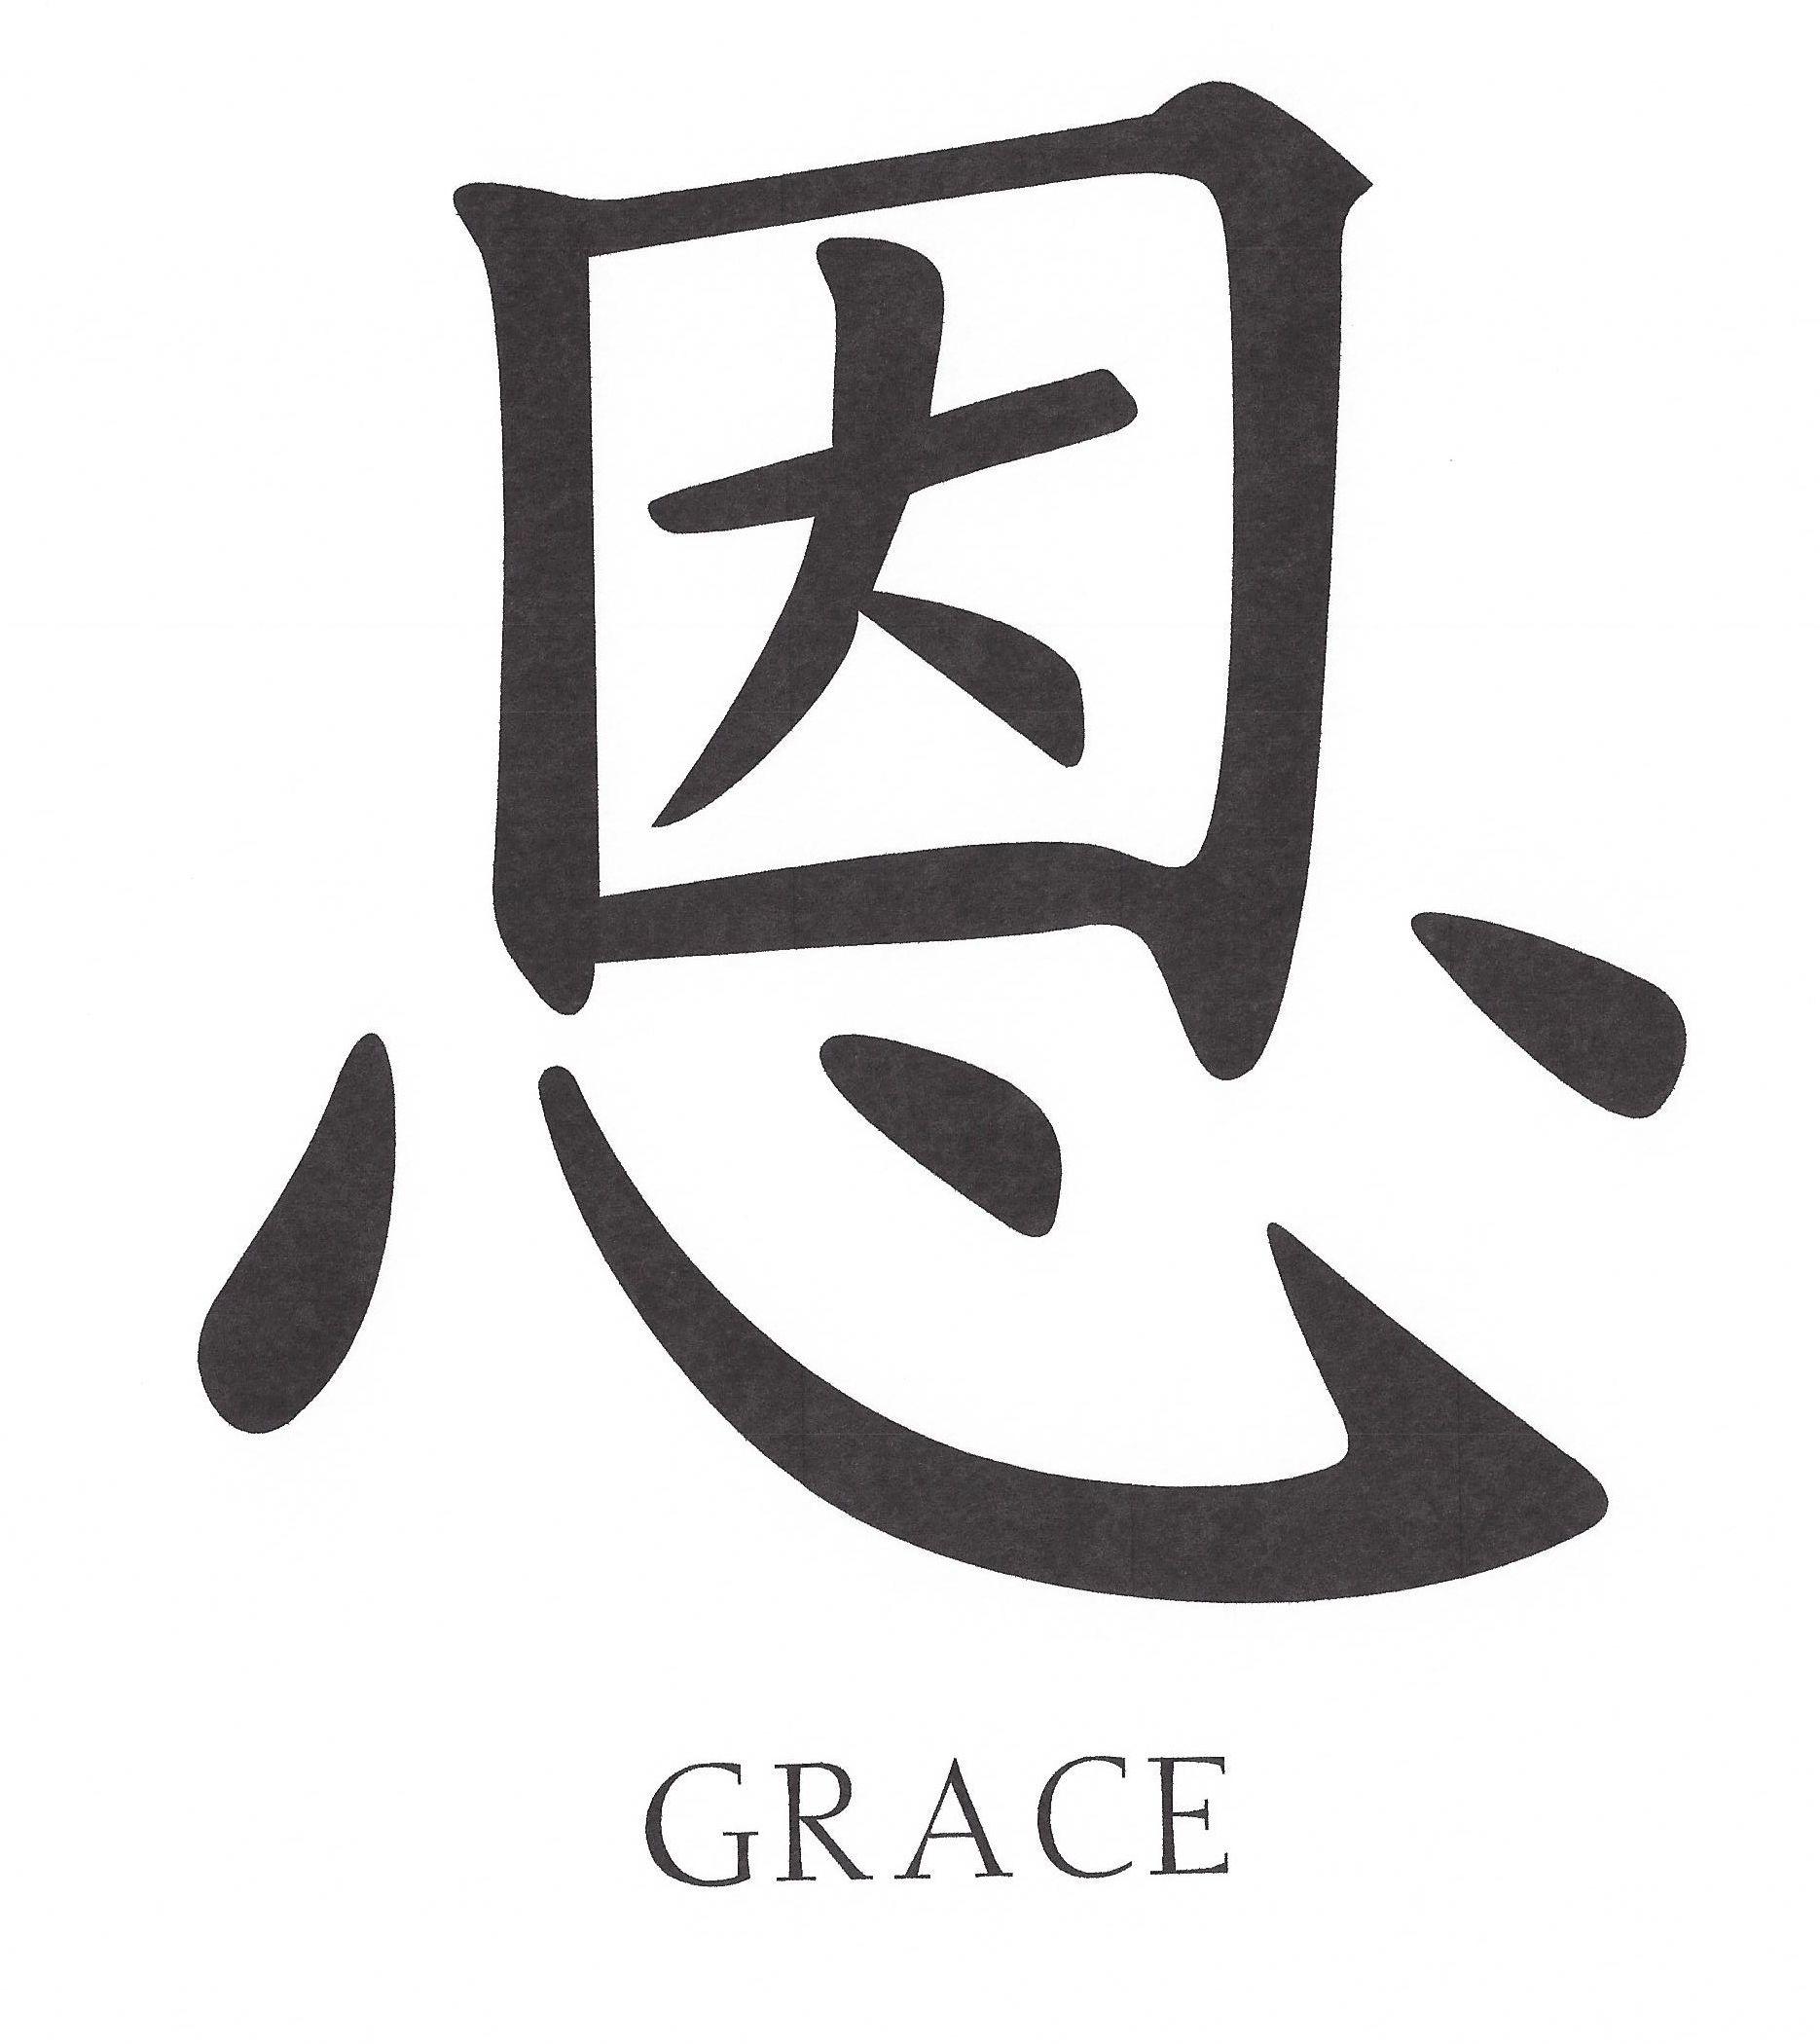 Custom kanji grace symbol home garden stone made from genuine 1 custom kanji grace symbol home garden stone made from genuine 1 thick granite biocorpaavc Images